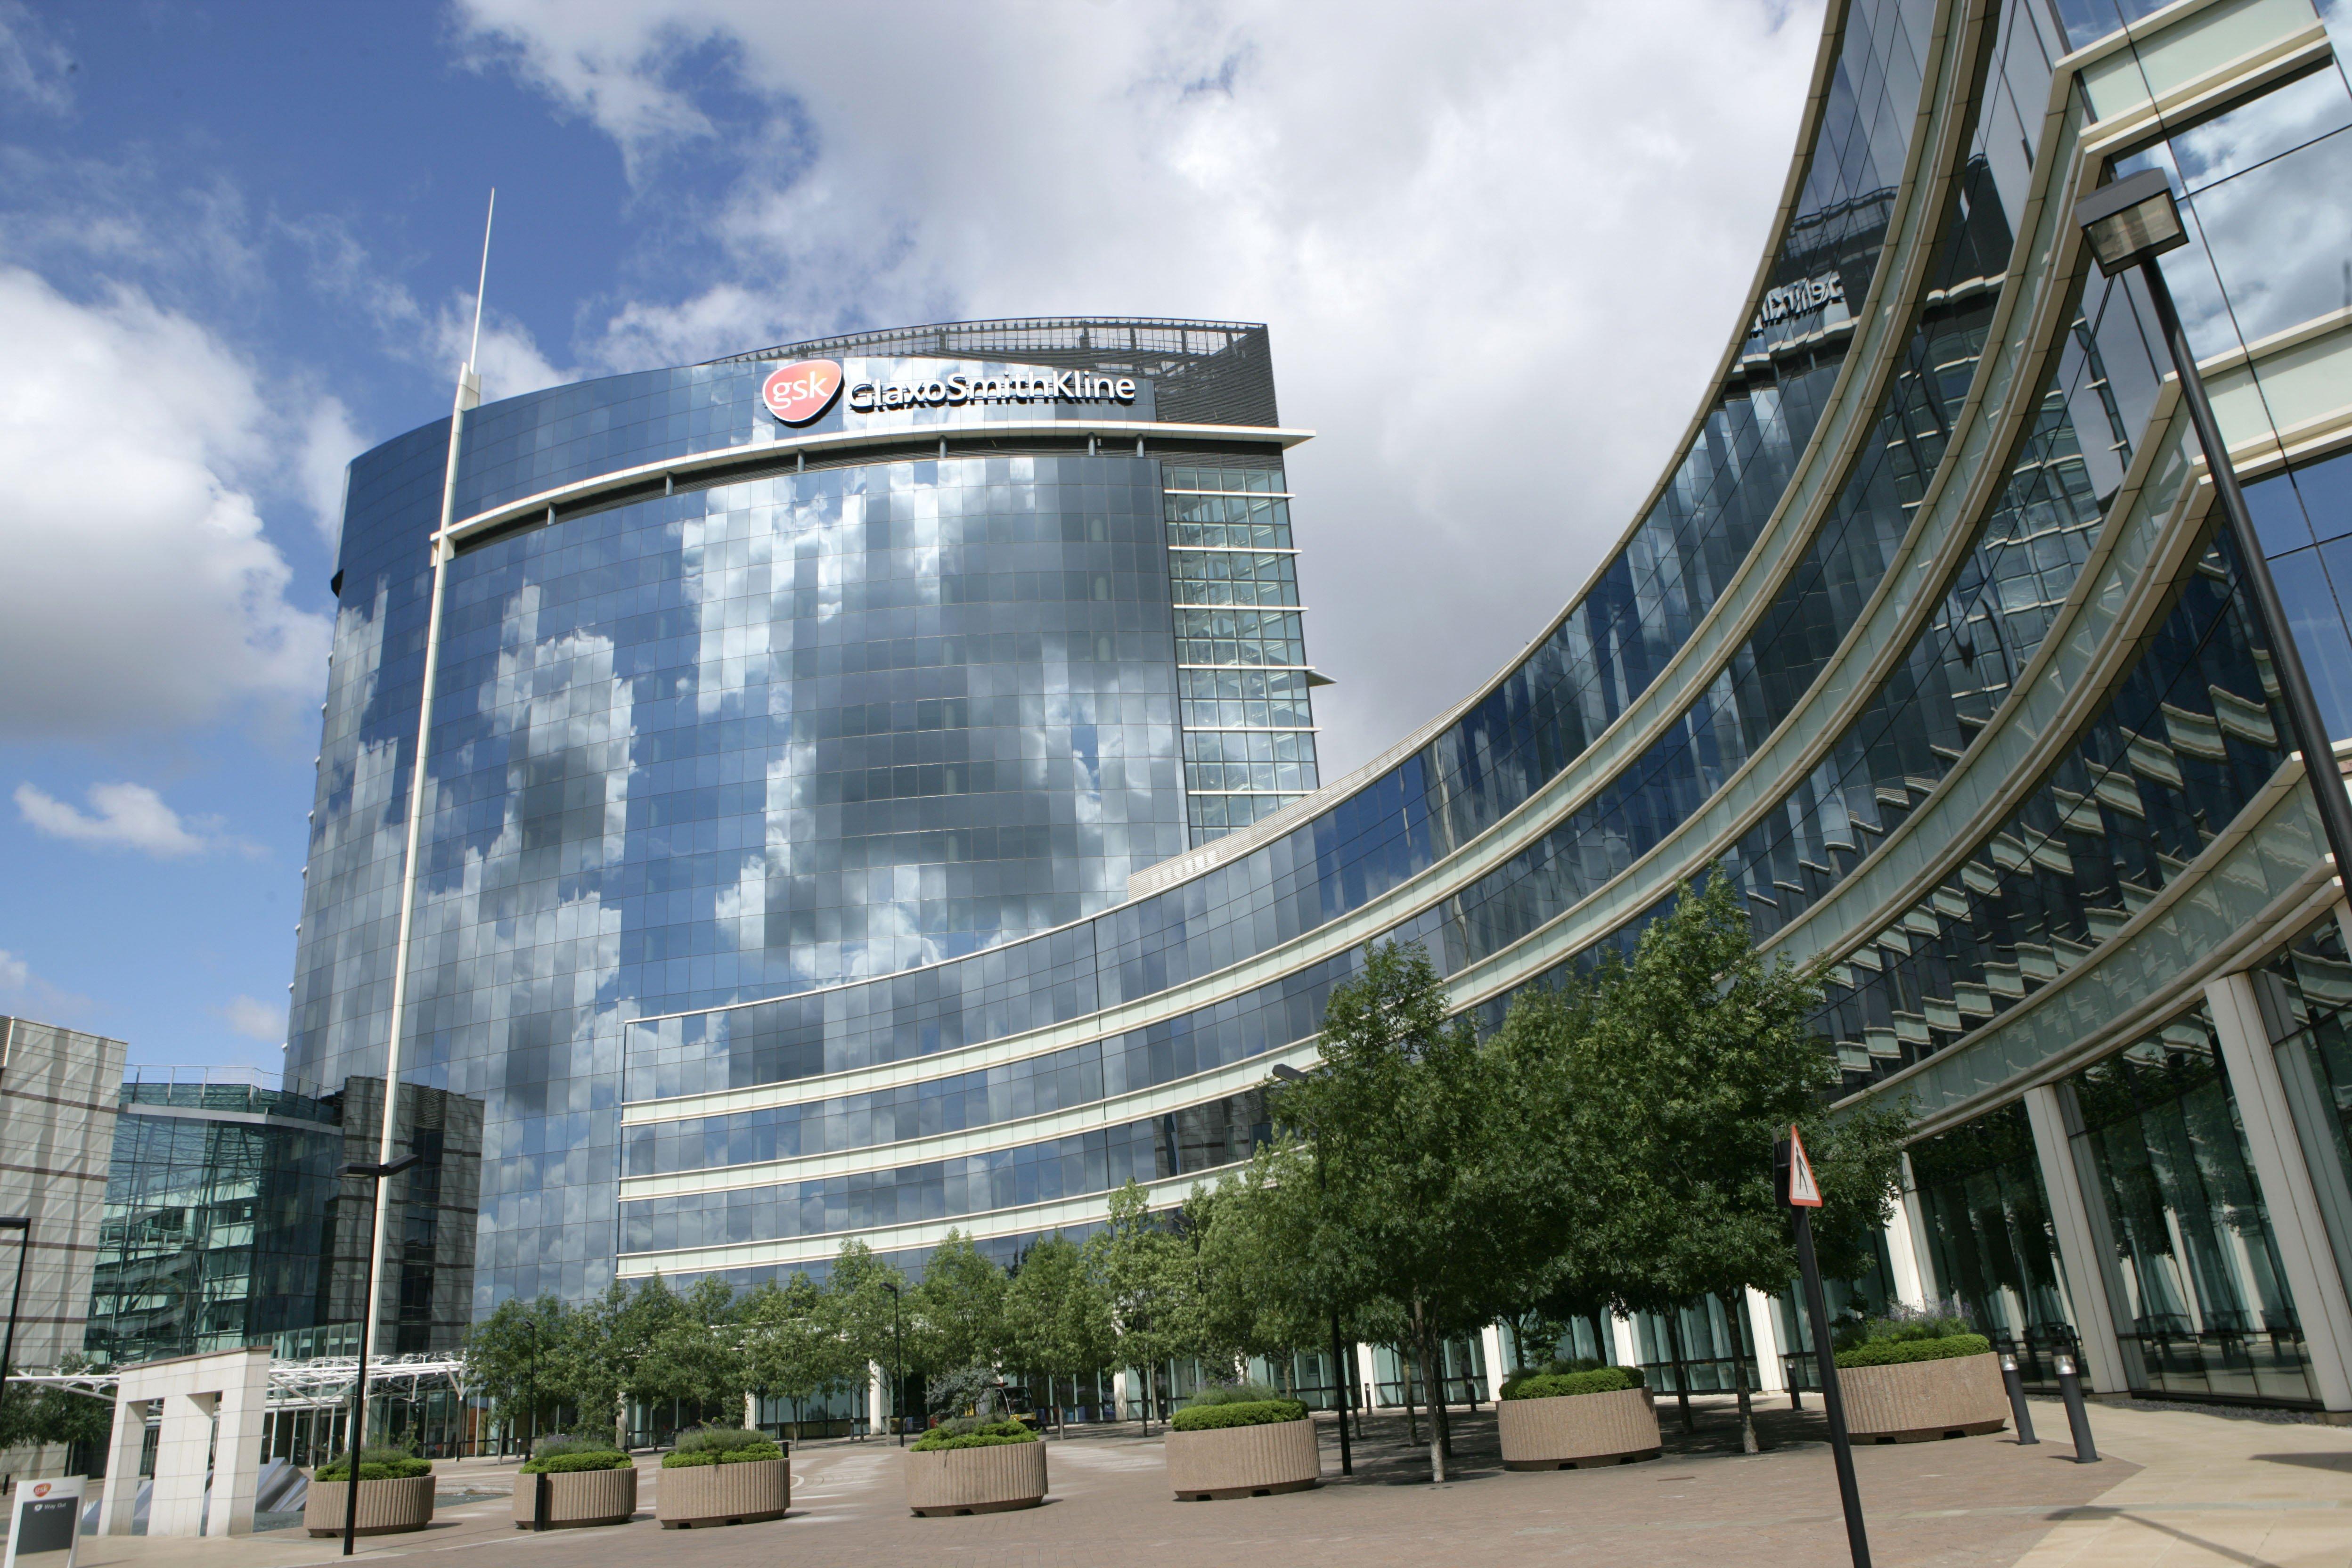 GlaxoSmithKline-headquarters-building